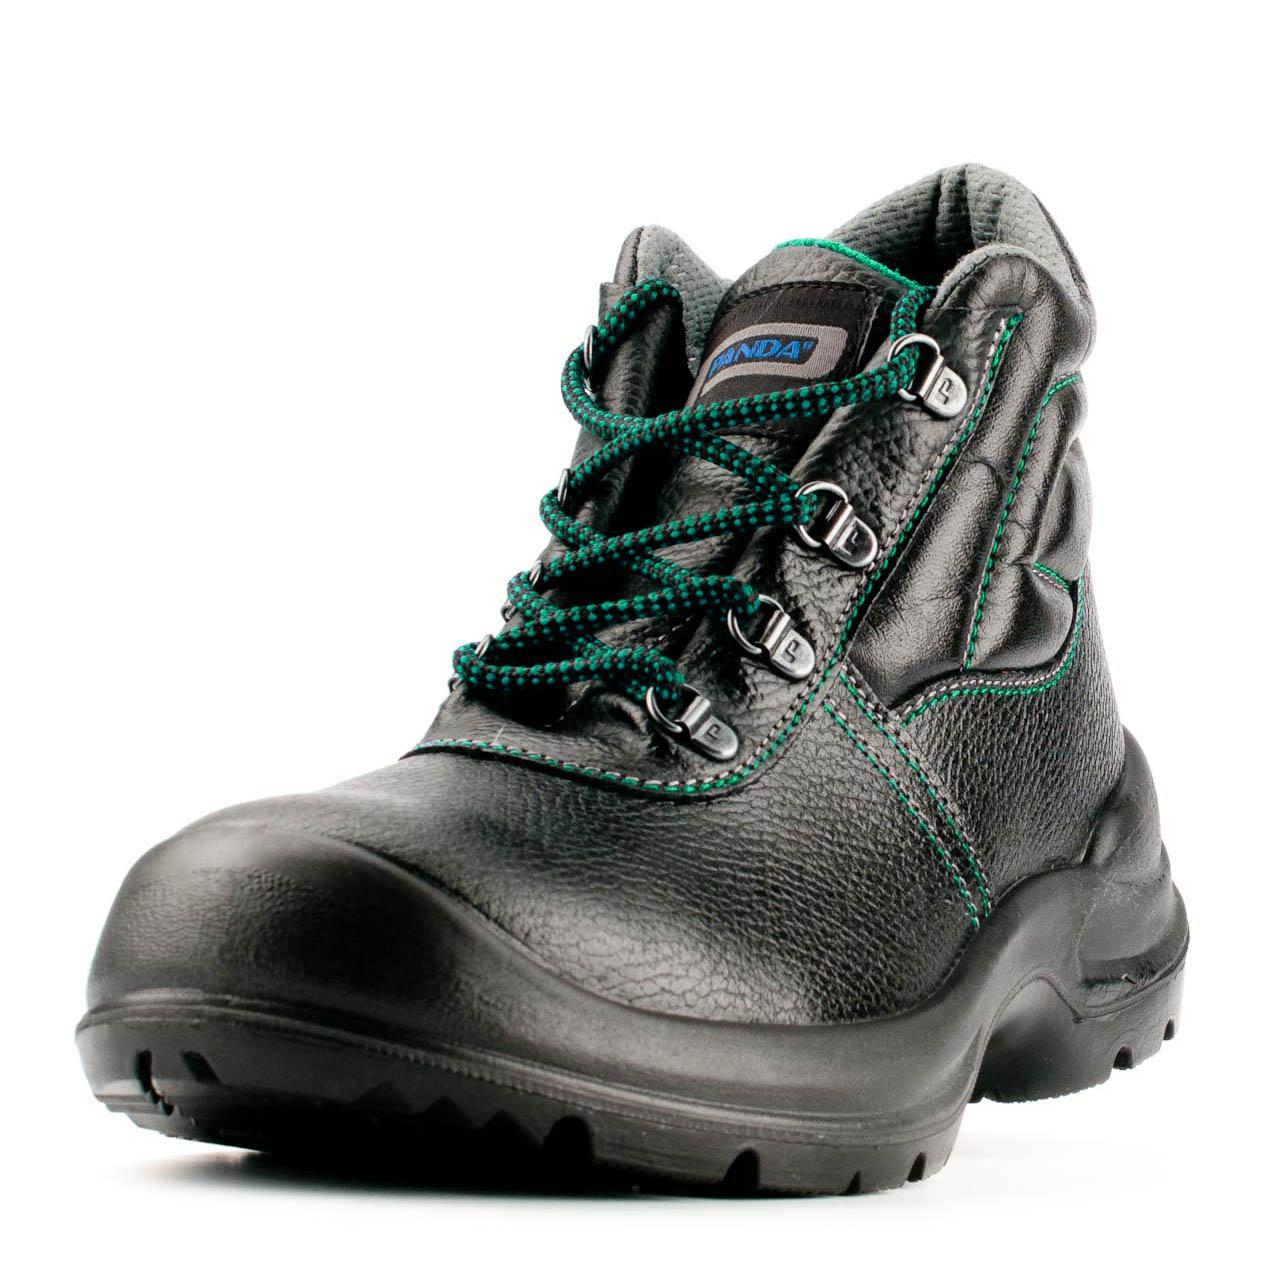 7d1587f208 Bezpečnostná obuv PANDA MISTRAL ANKLE S3